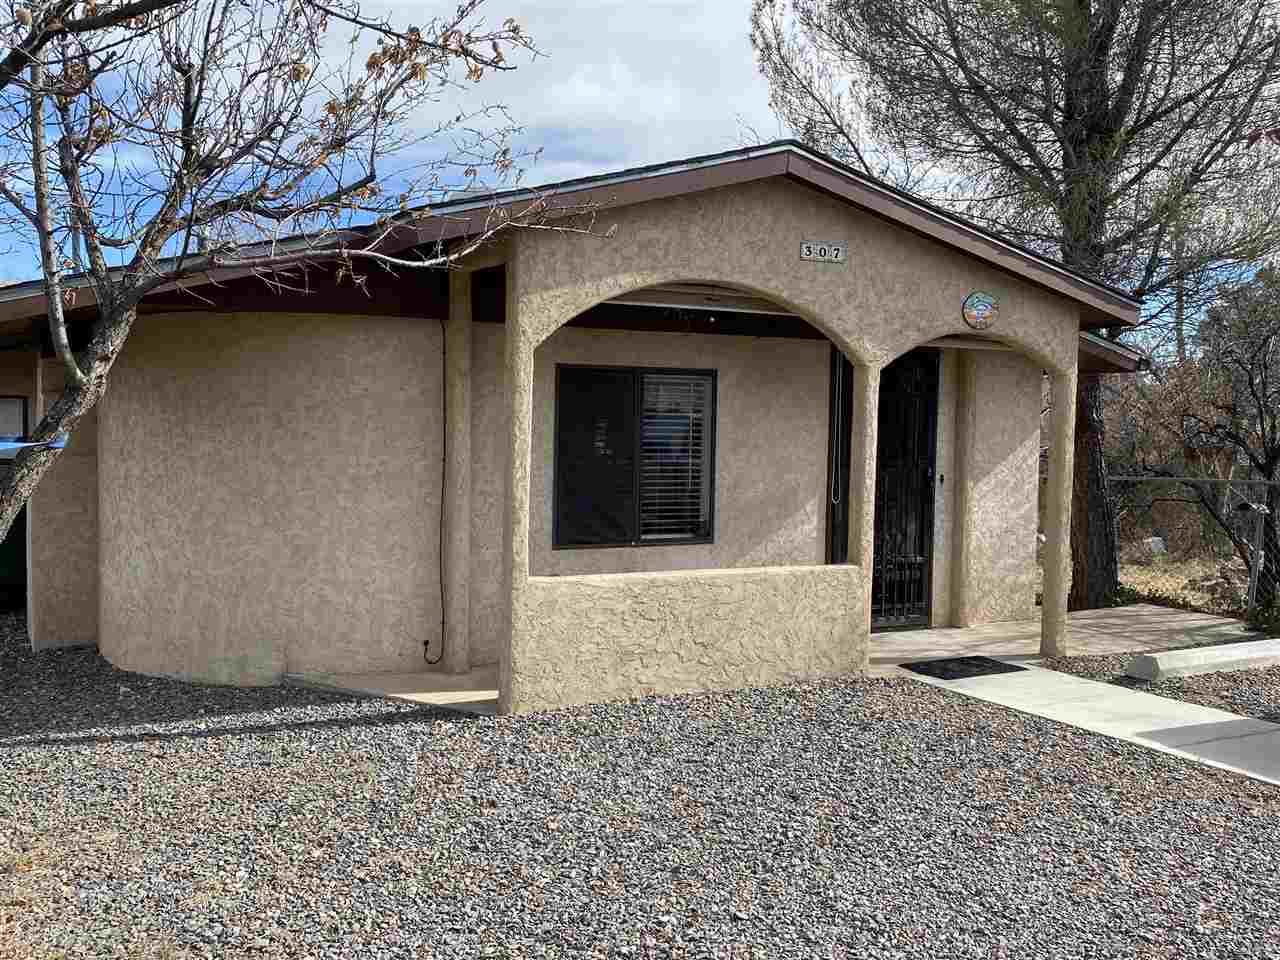 307 Bard, SANTA CLARA, New Mexico 88023, 3 Bedrooms Bedrooms, ,2 BathroomsBathrooms,Single Family,For Sale,307 Bard,37834